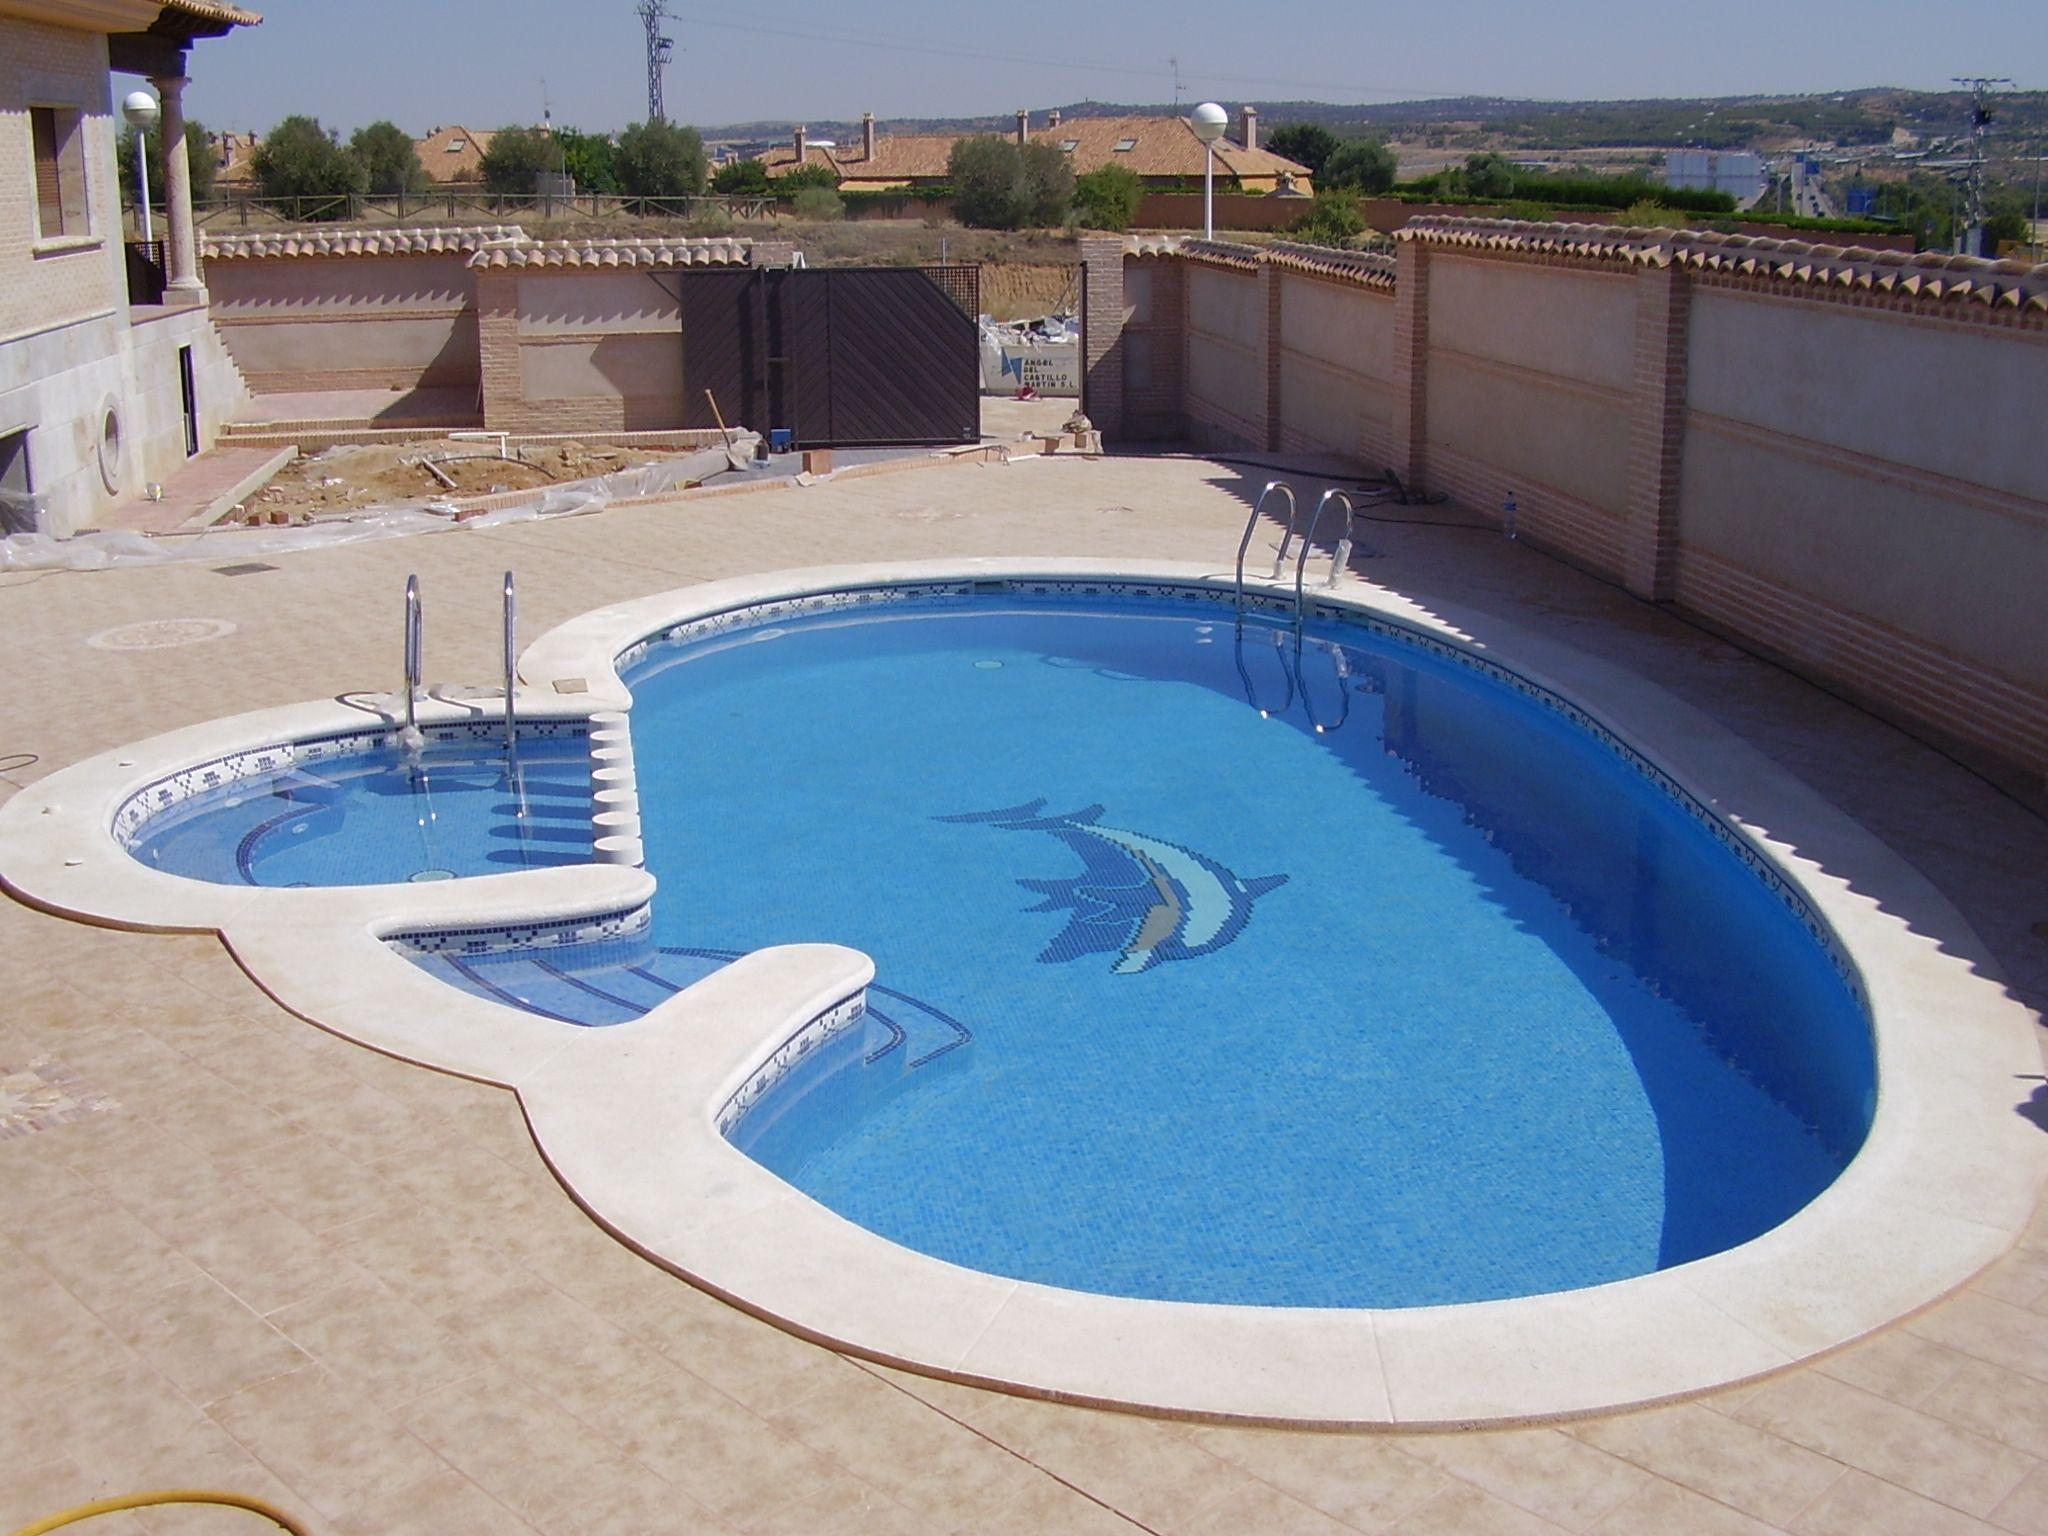 piscina con forma de ri n y coronamiento in situ con